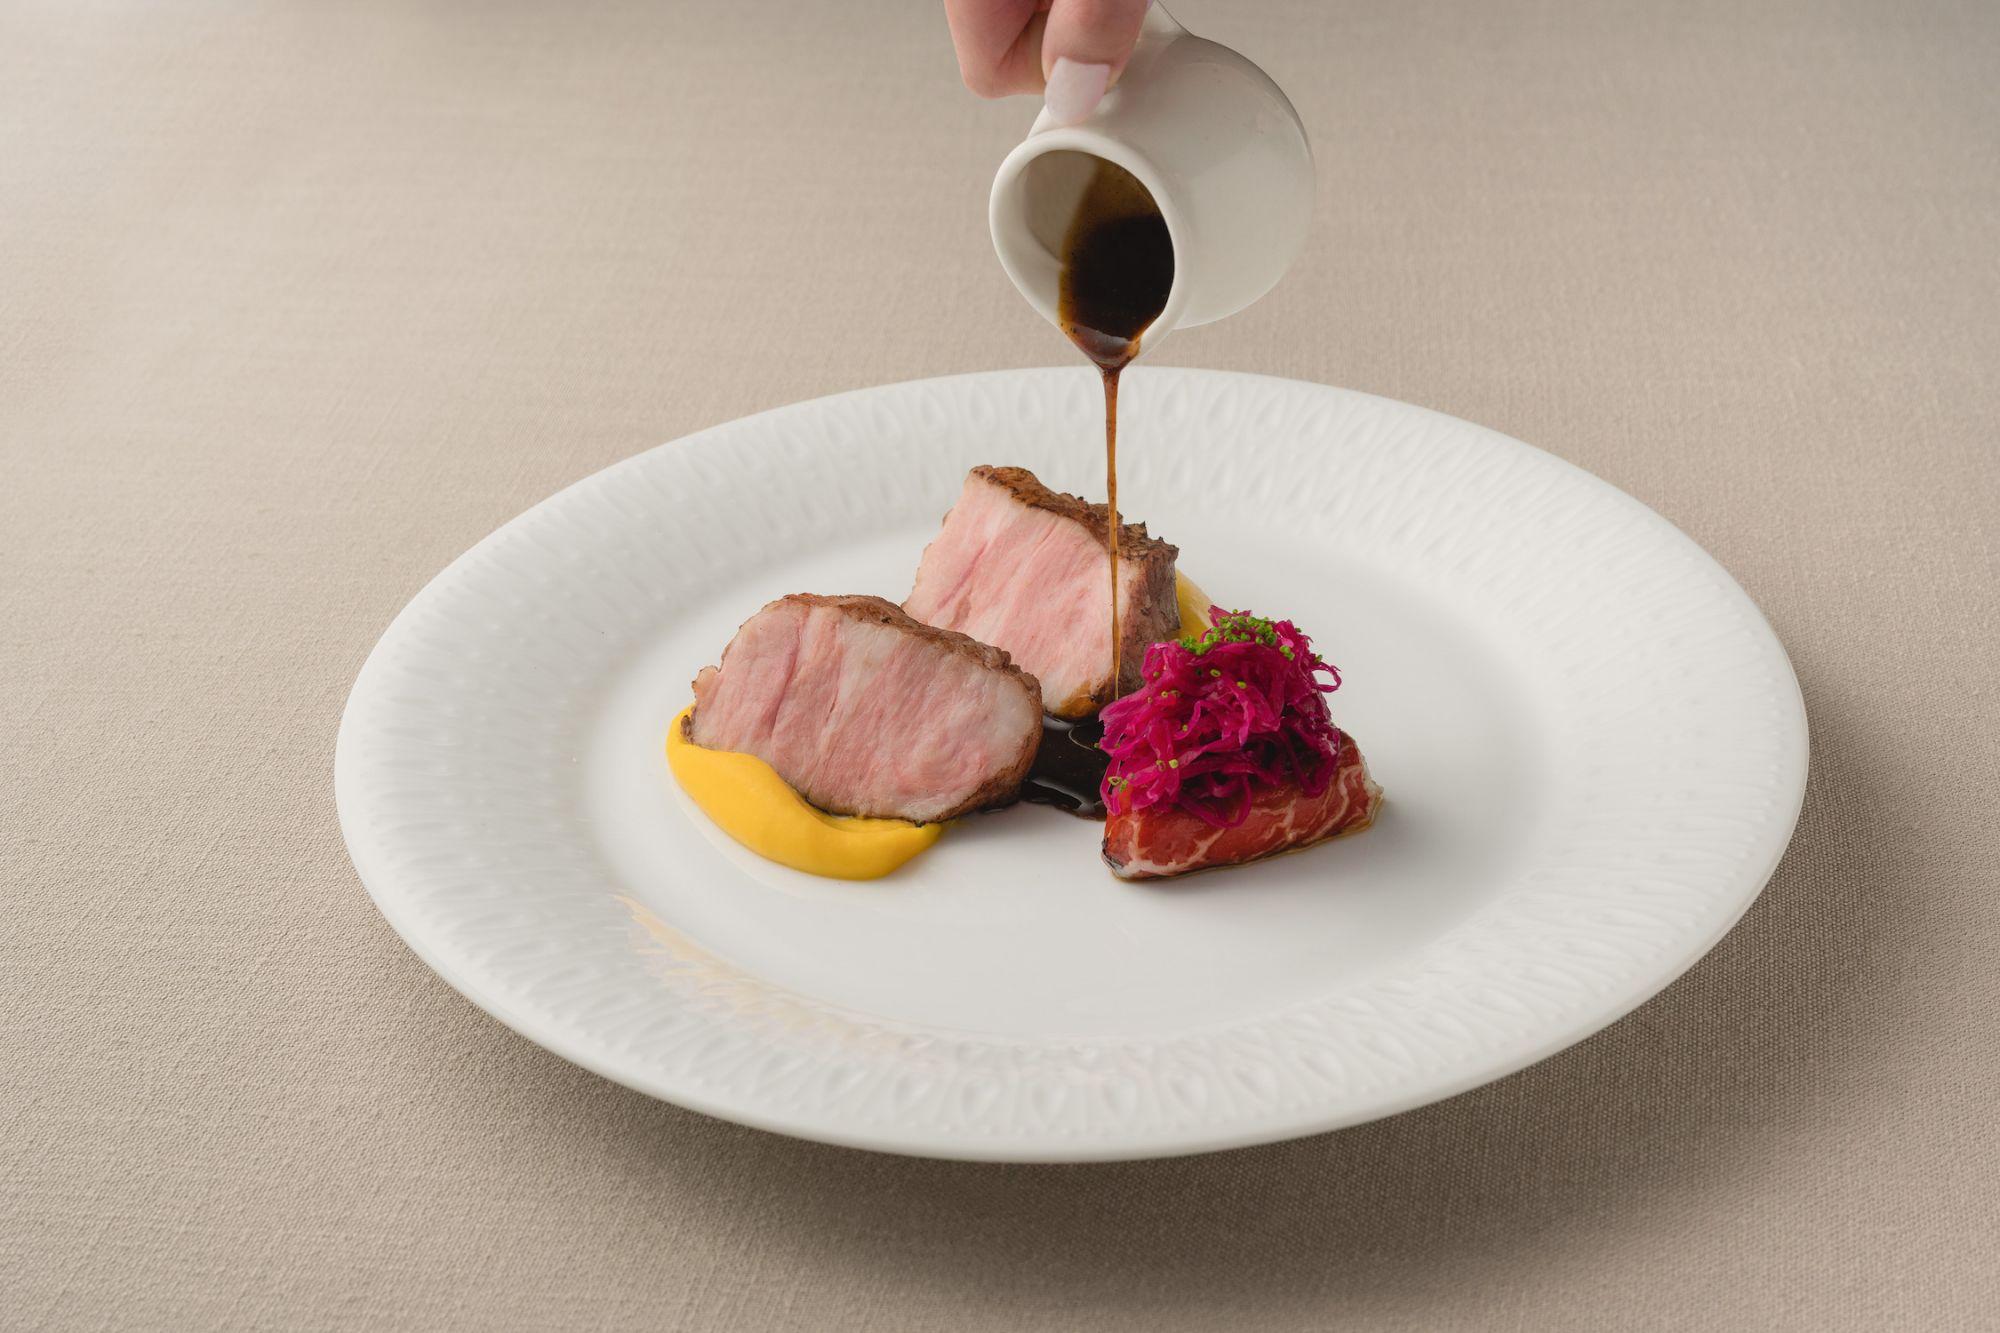 普羅旺斯燉菜、鴨肉捲、肝醬:米其林餐盤「Chou Chou 法式餐廳」的秋季新菜